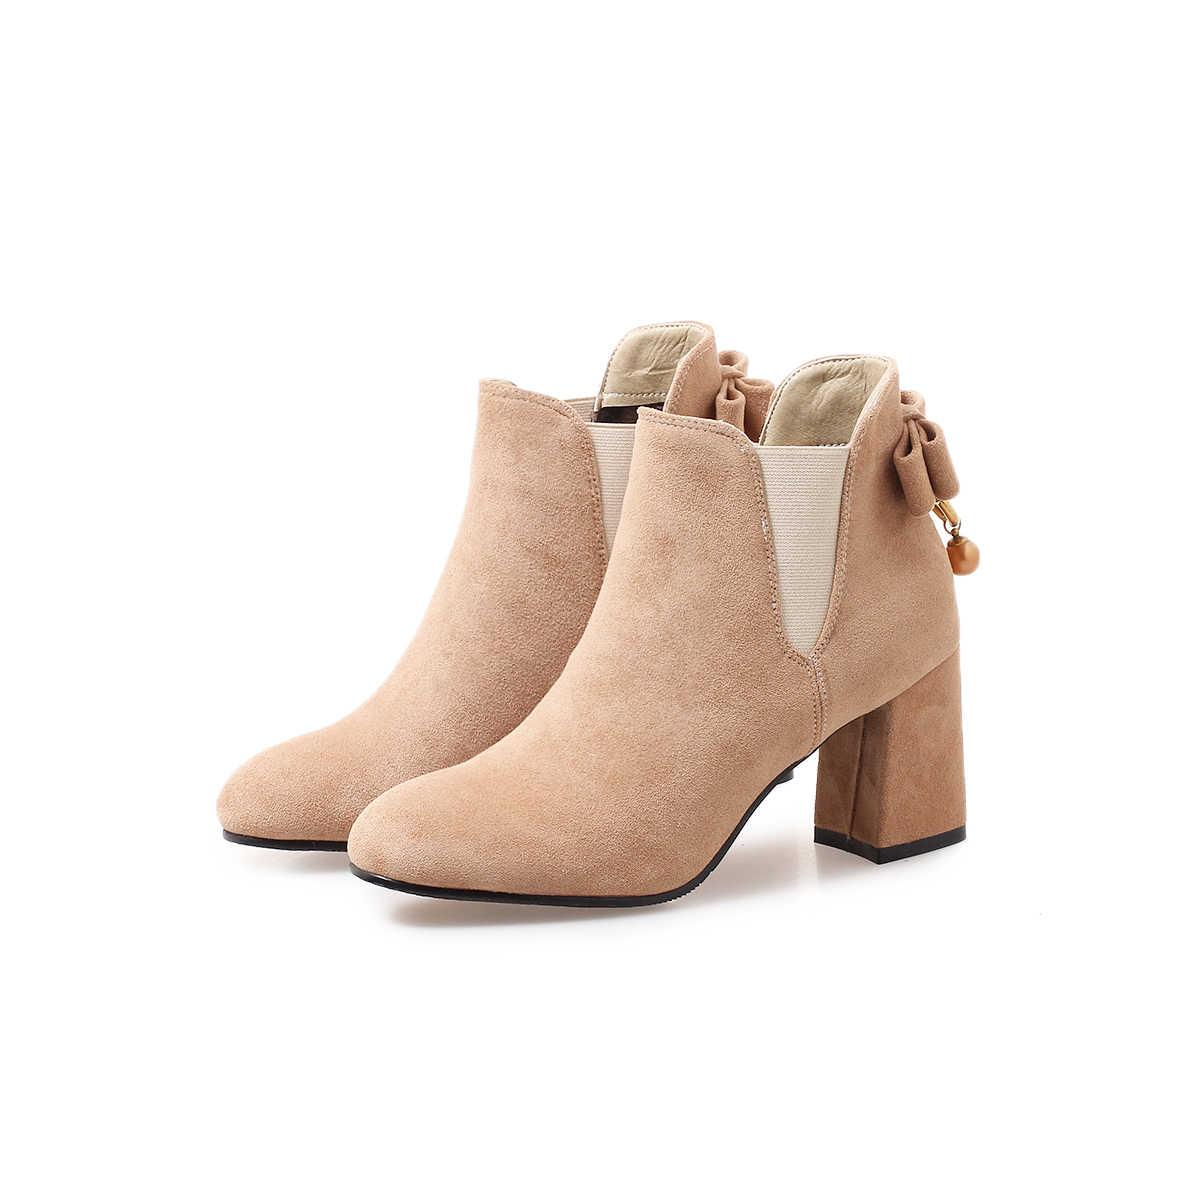 NEMAONE bayanlar yüksek topuklu yarım çizmeler düğün parti elbise ayakkabı kadın sonbahar kış kadın çizmeler büyük boy 42 43